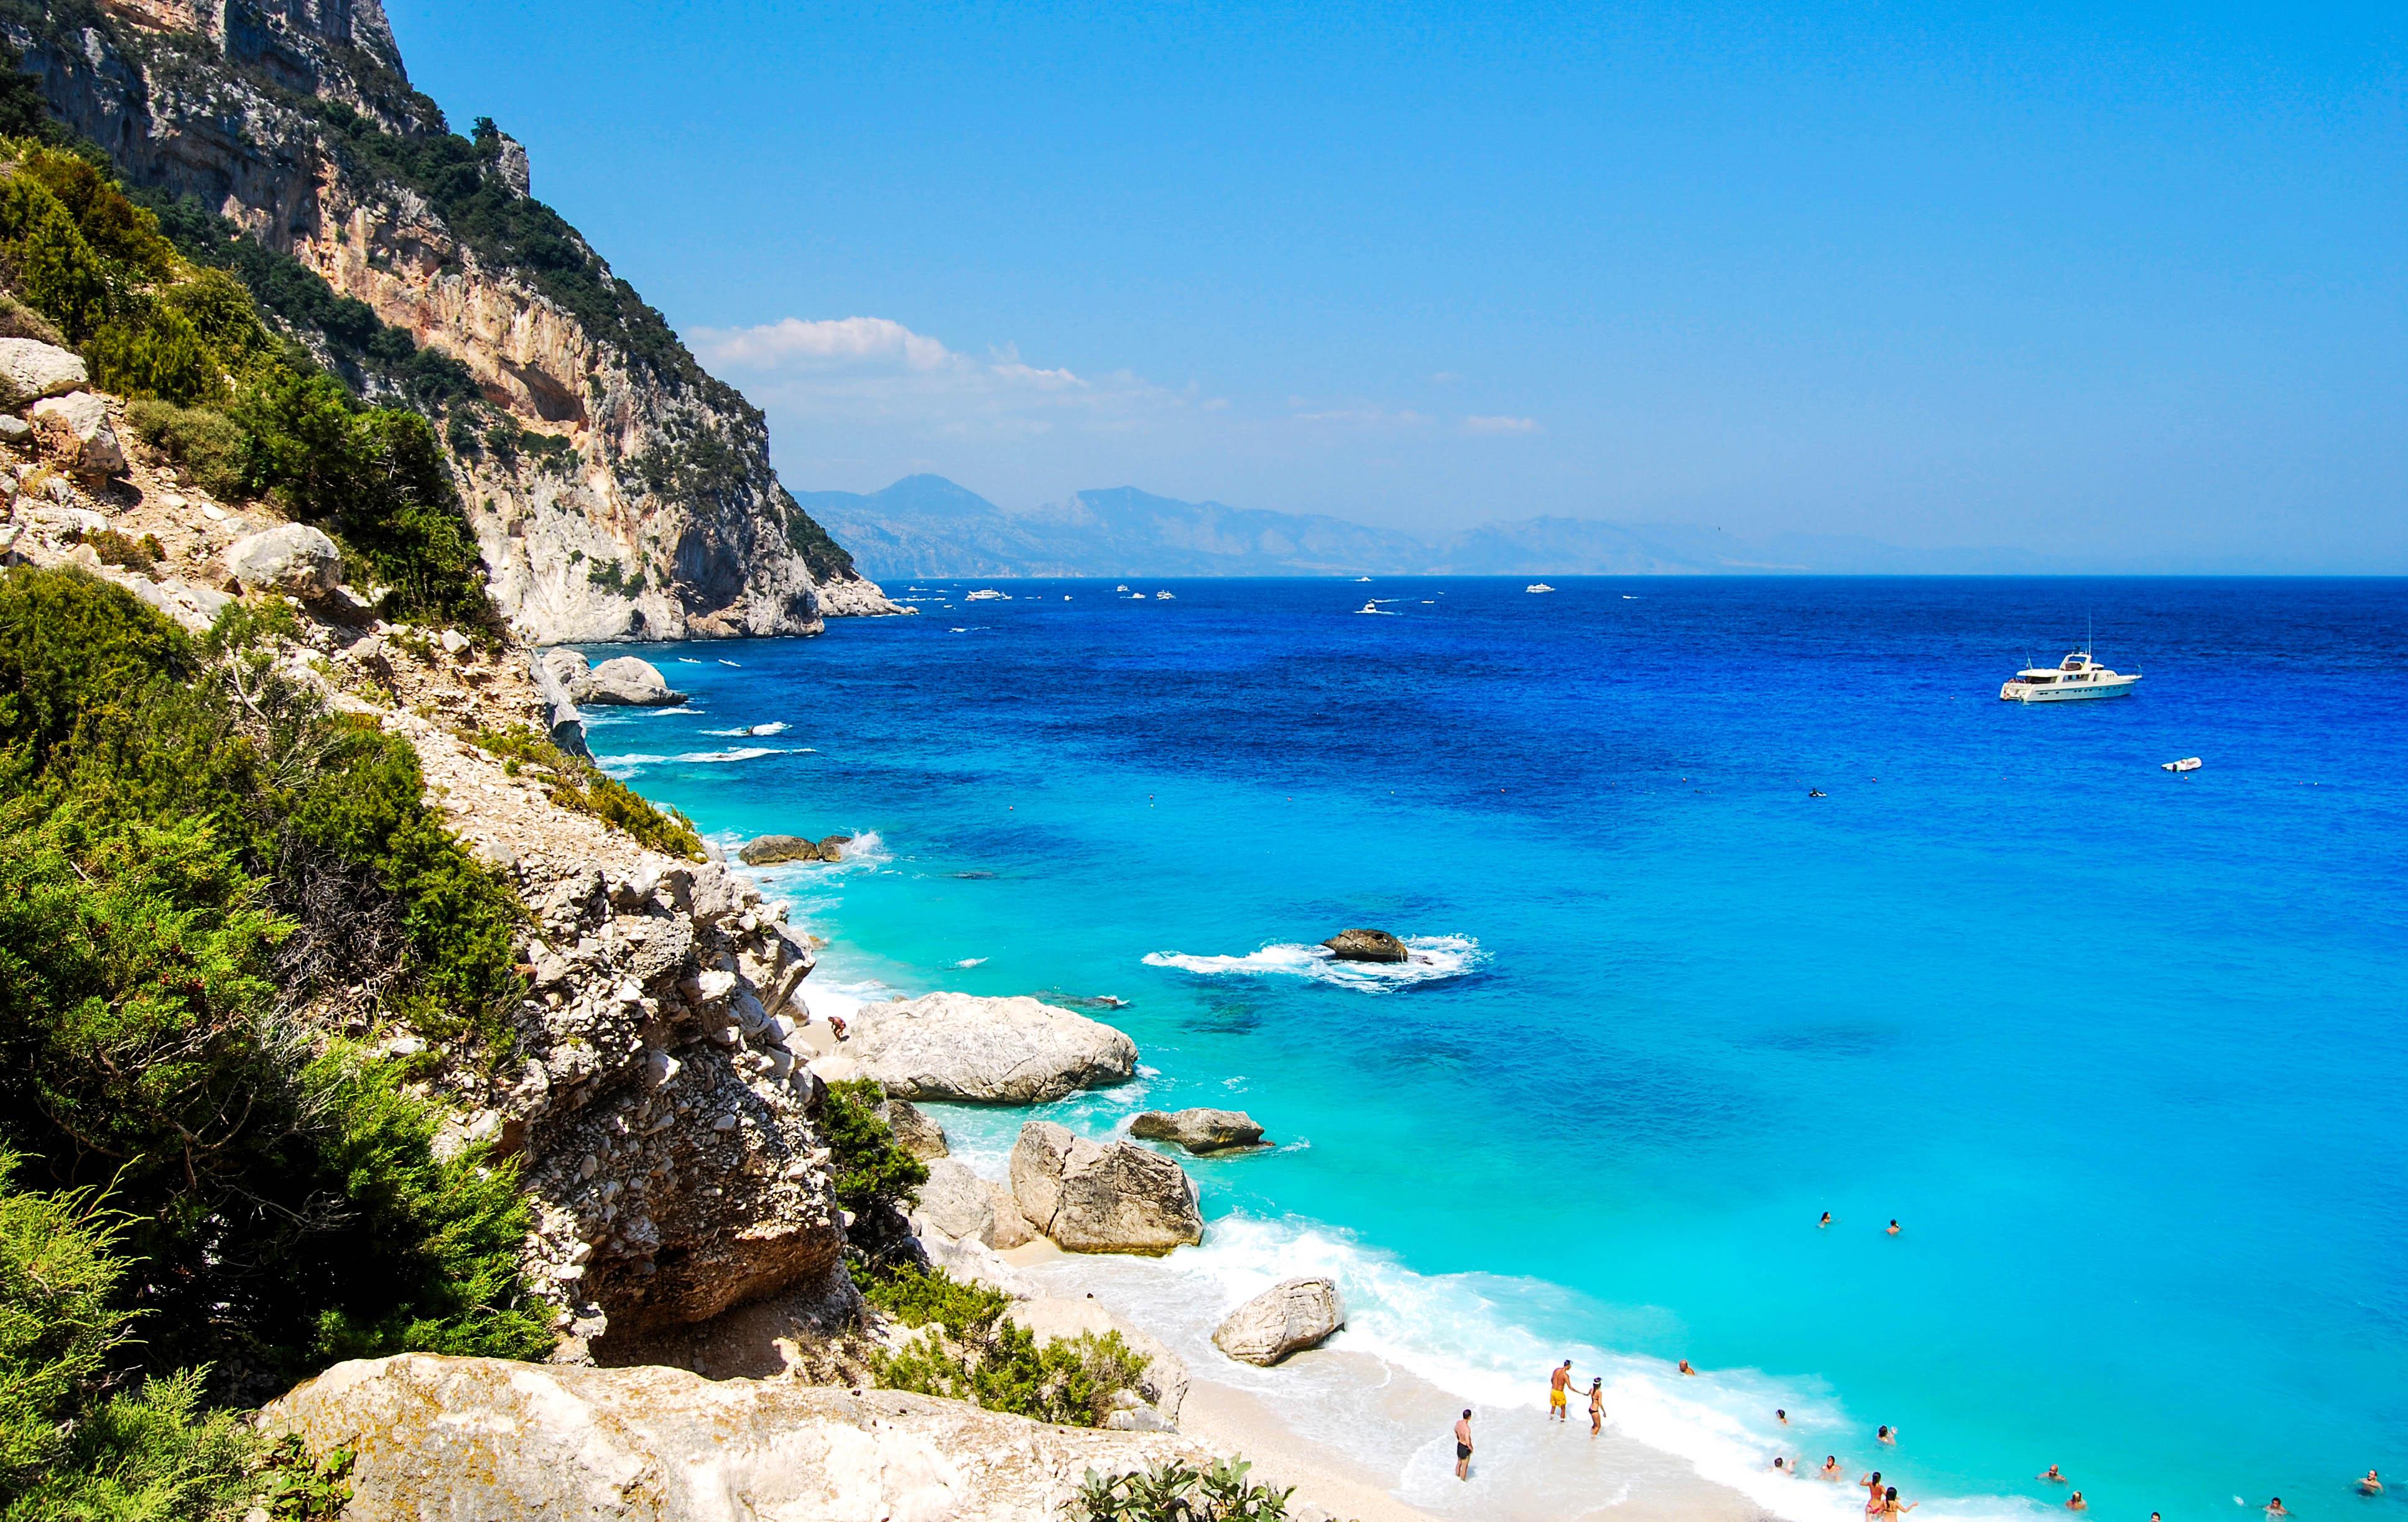 Die schönsten Strände auf Sardinien - Cala Goloritze